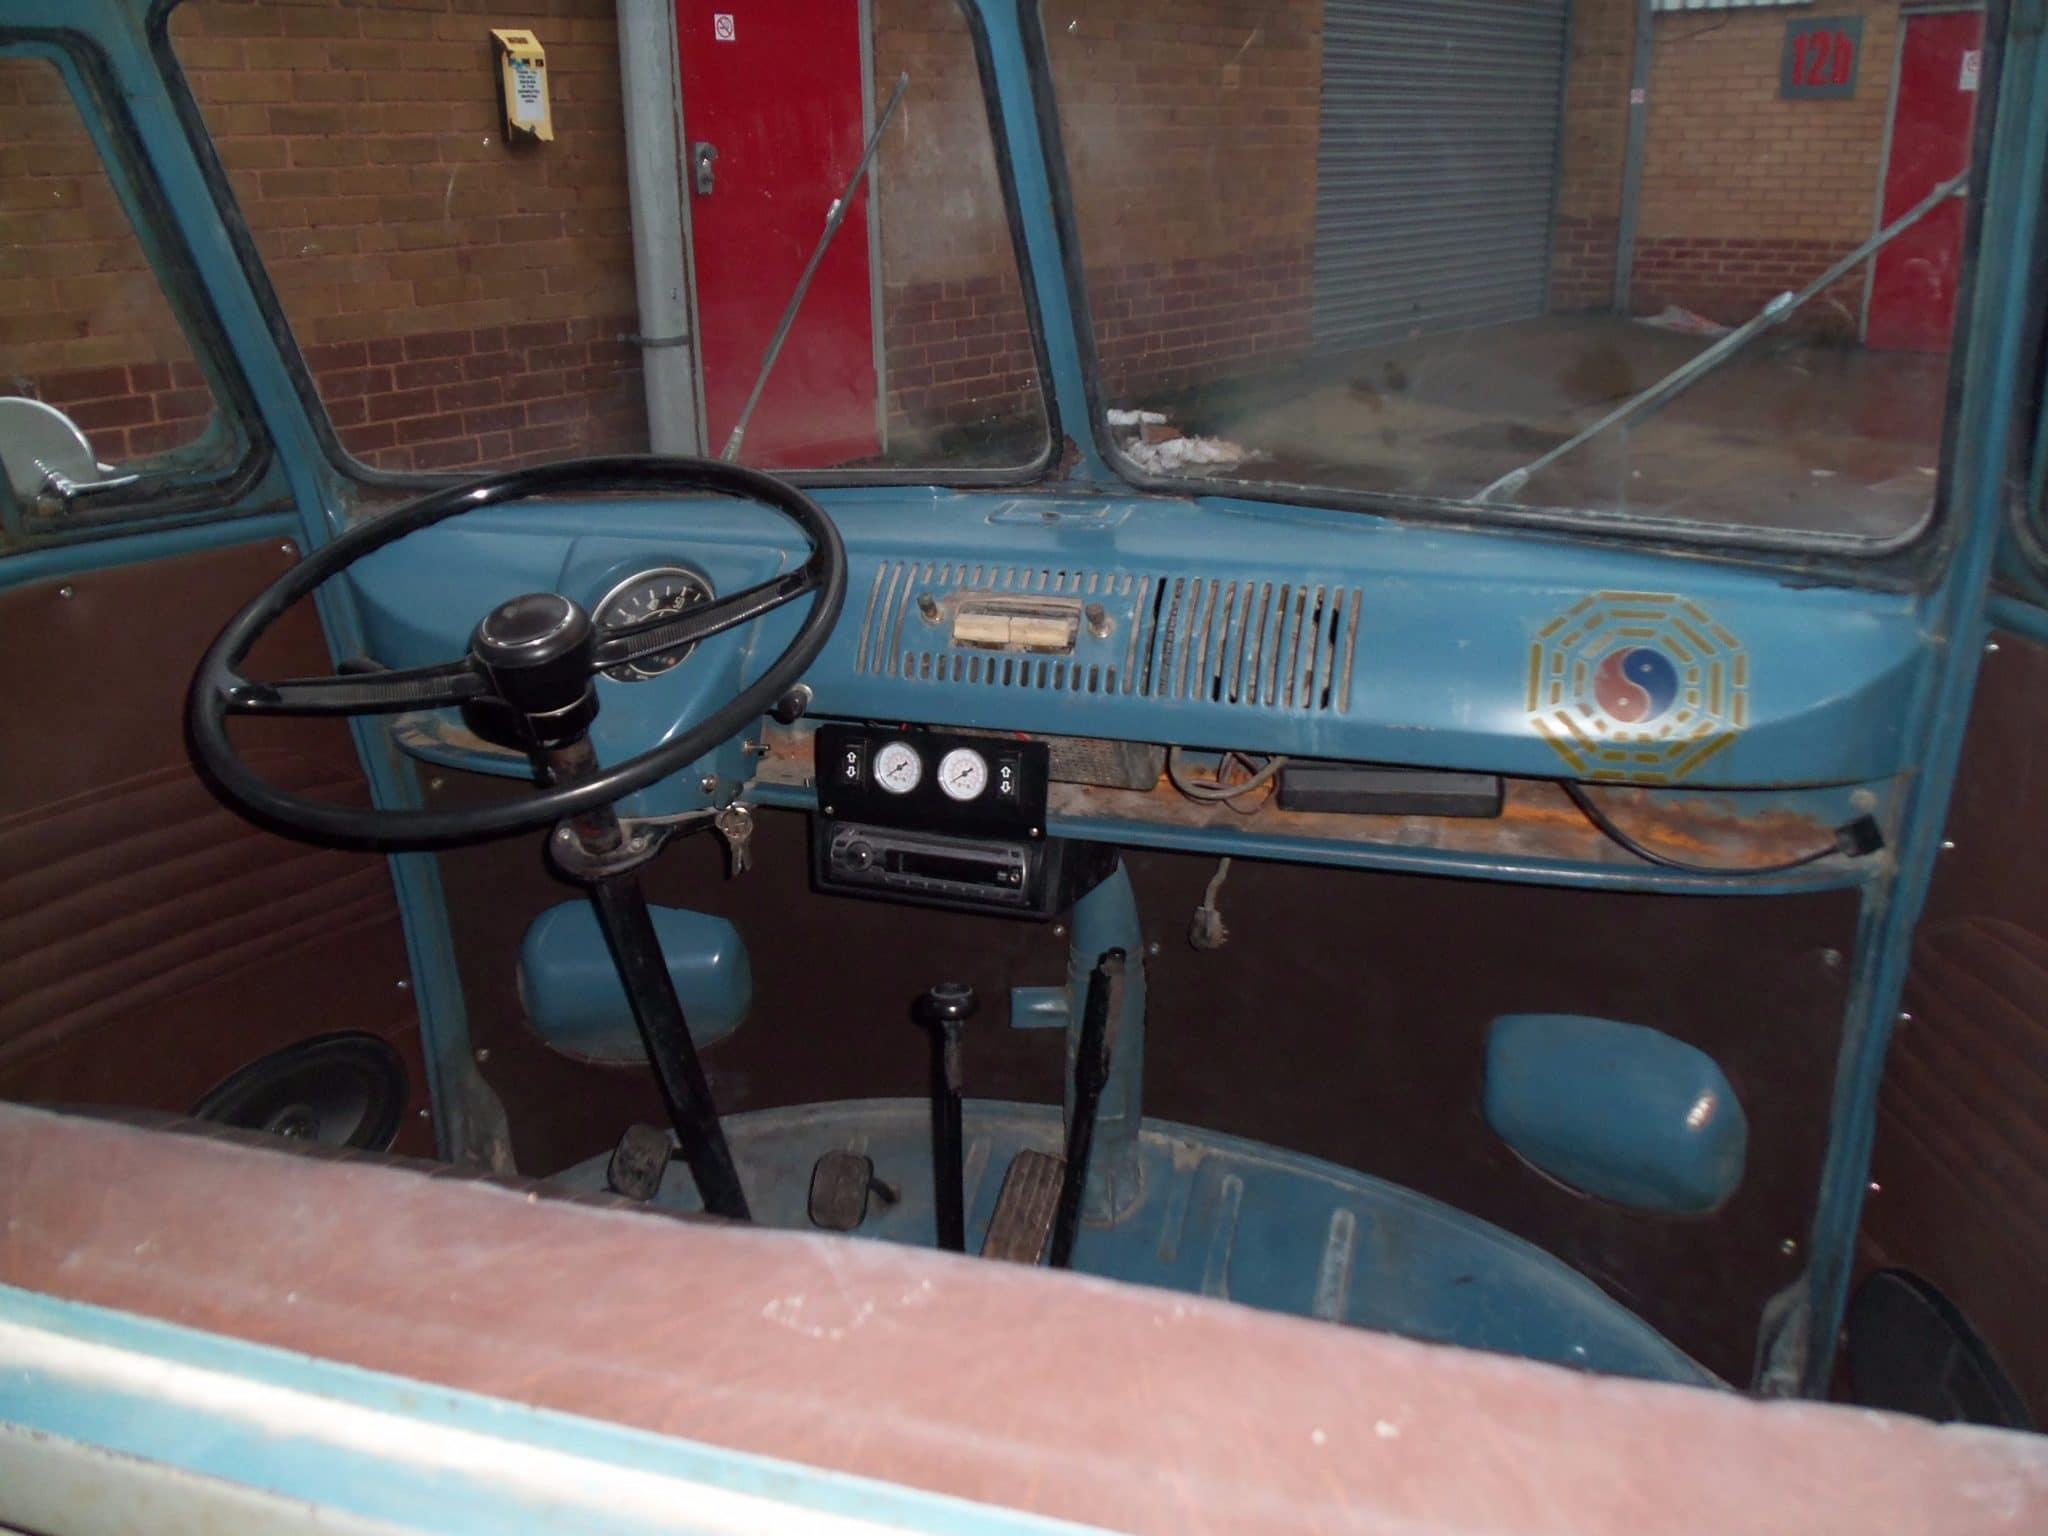 VW camper van steering wheel before restoration